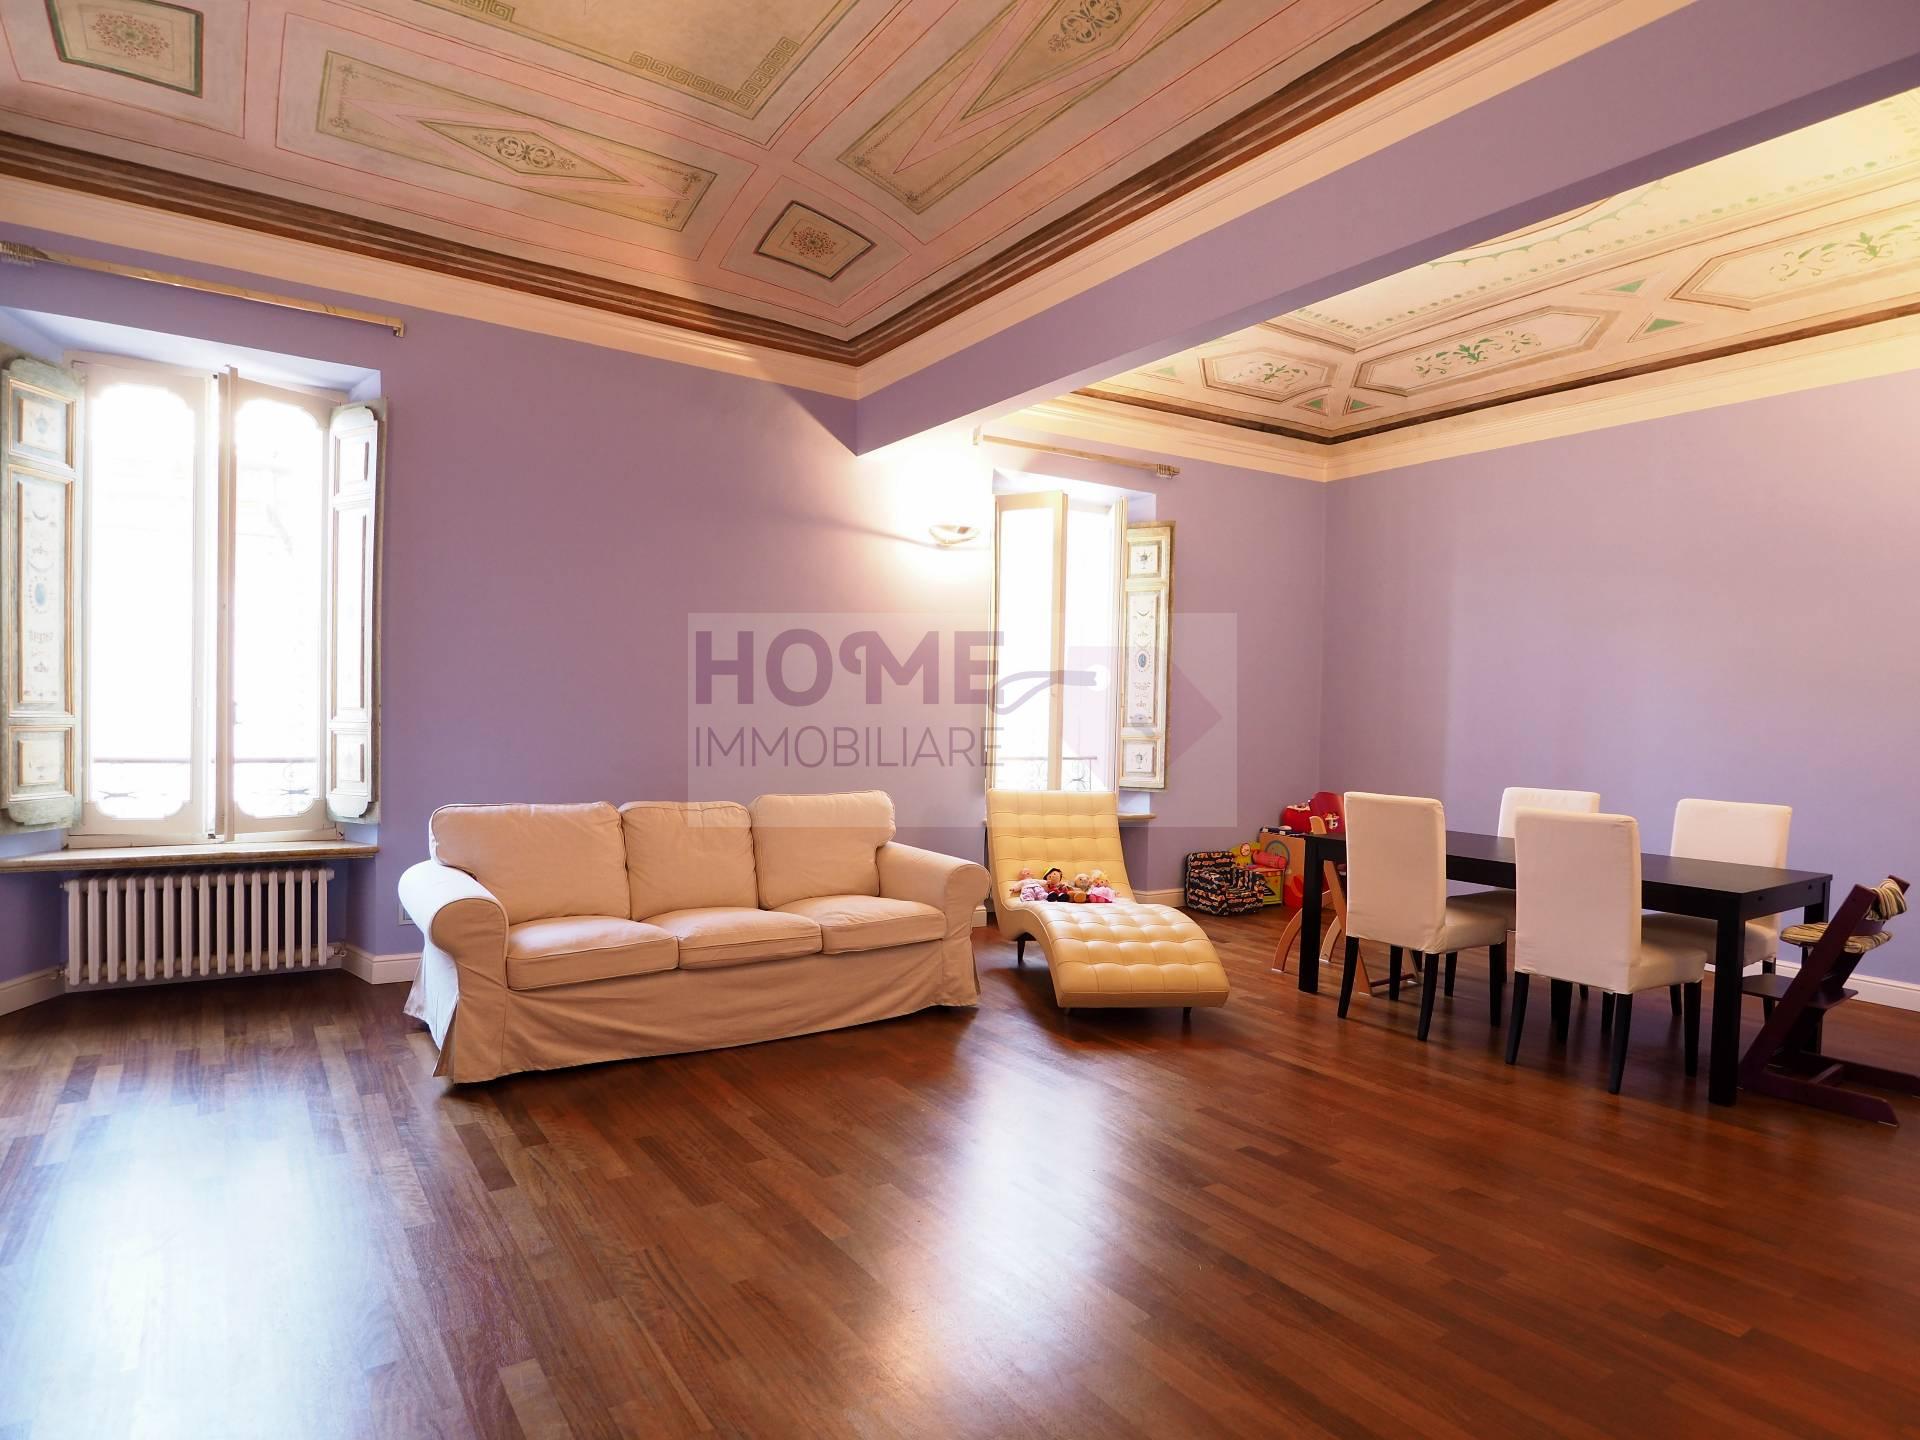 Appartamento in vendita, Macerata centro storico